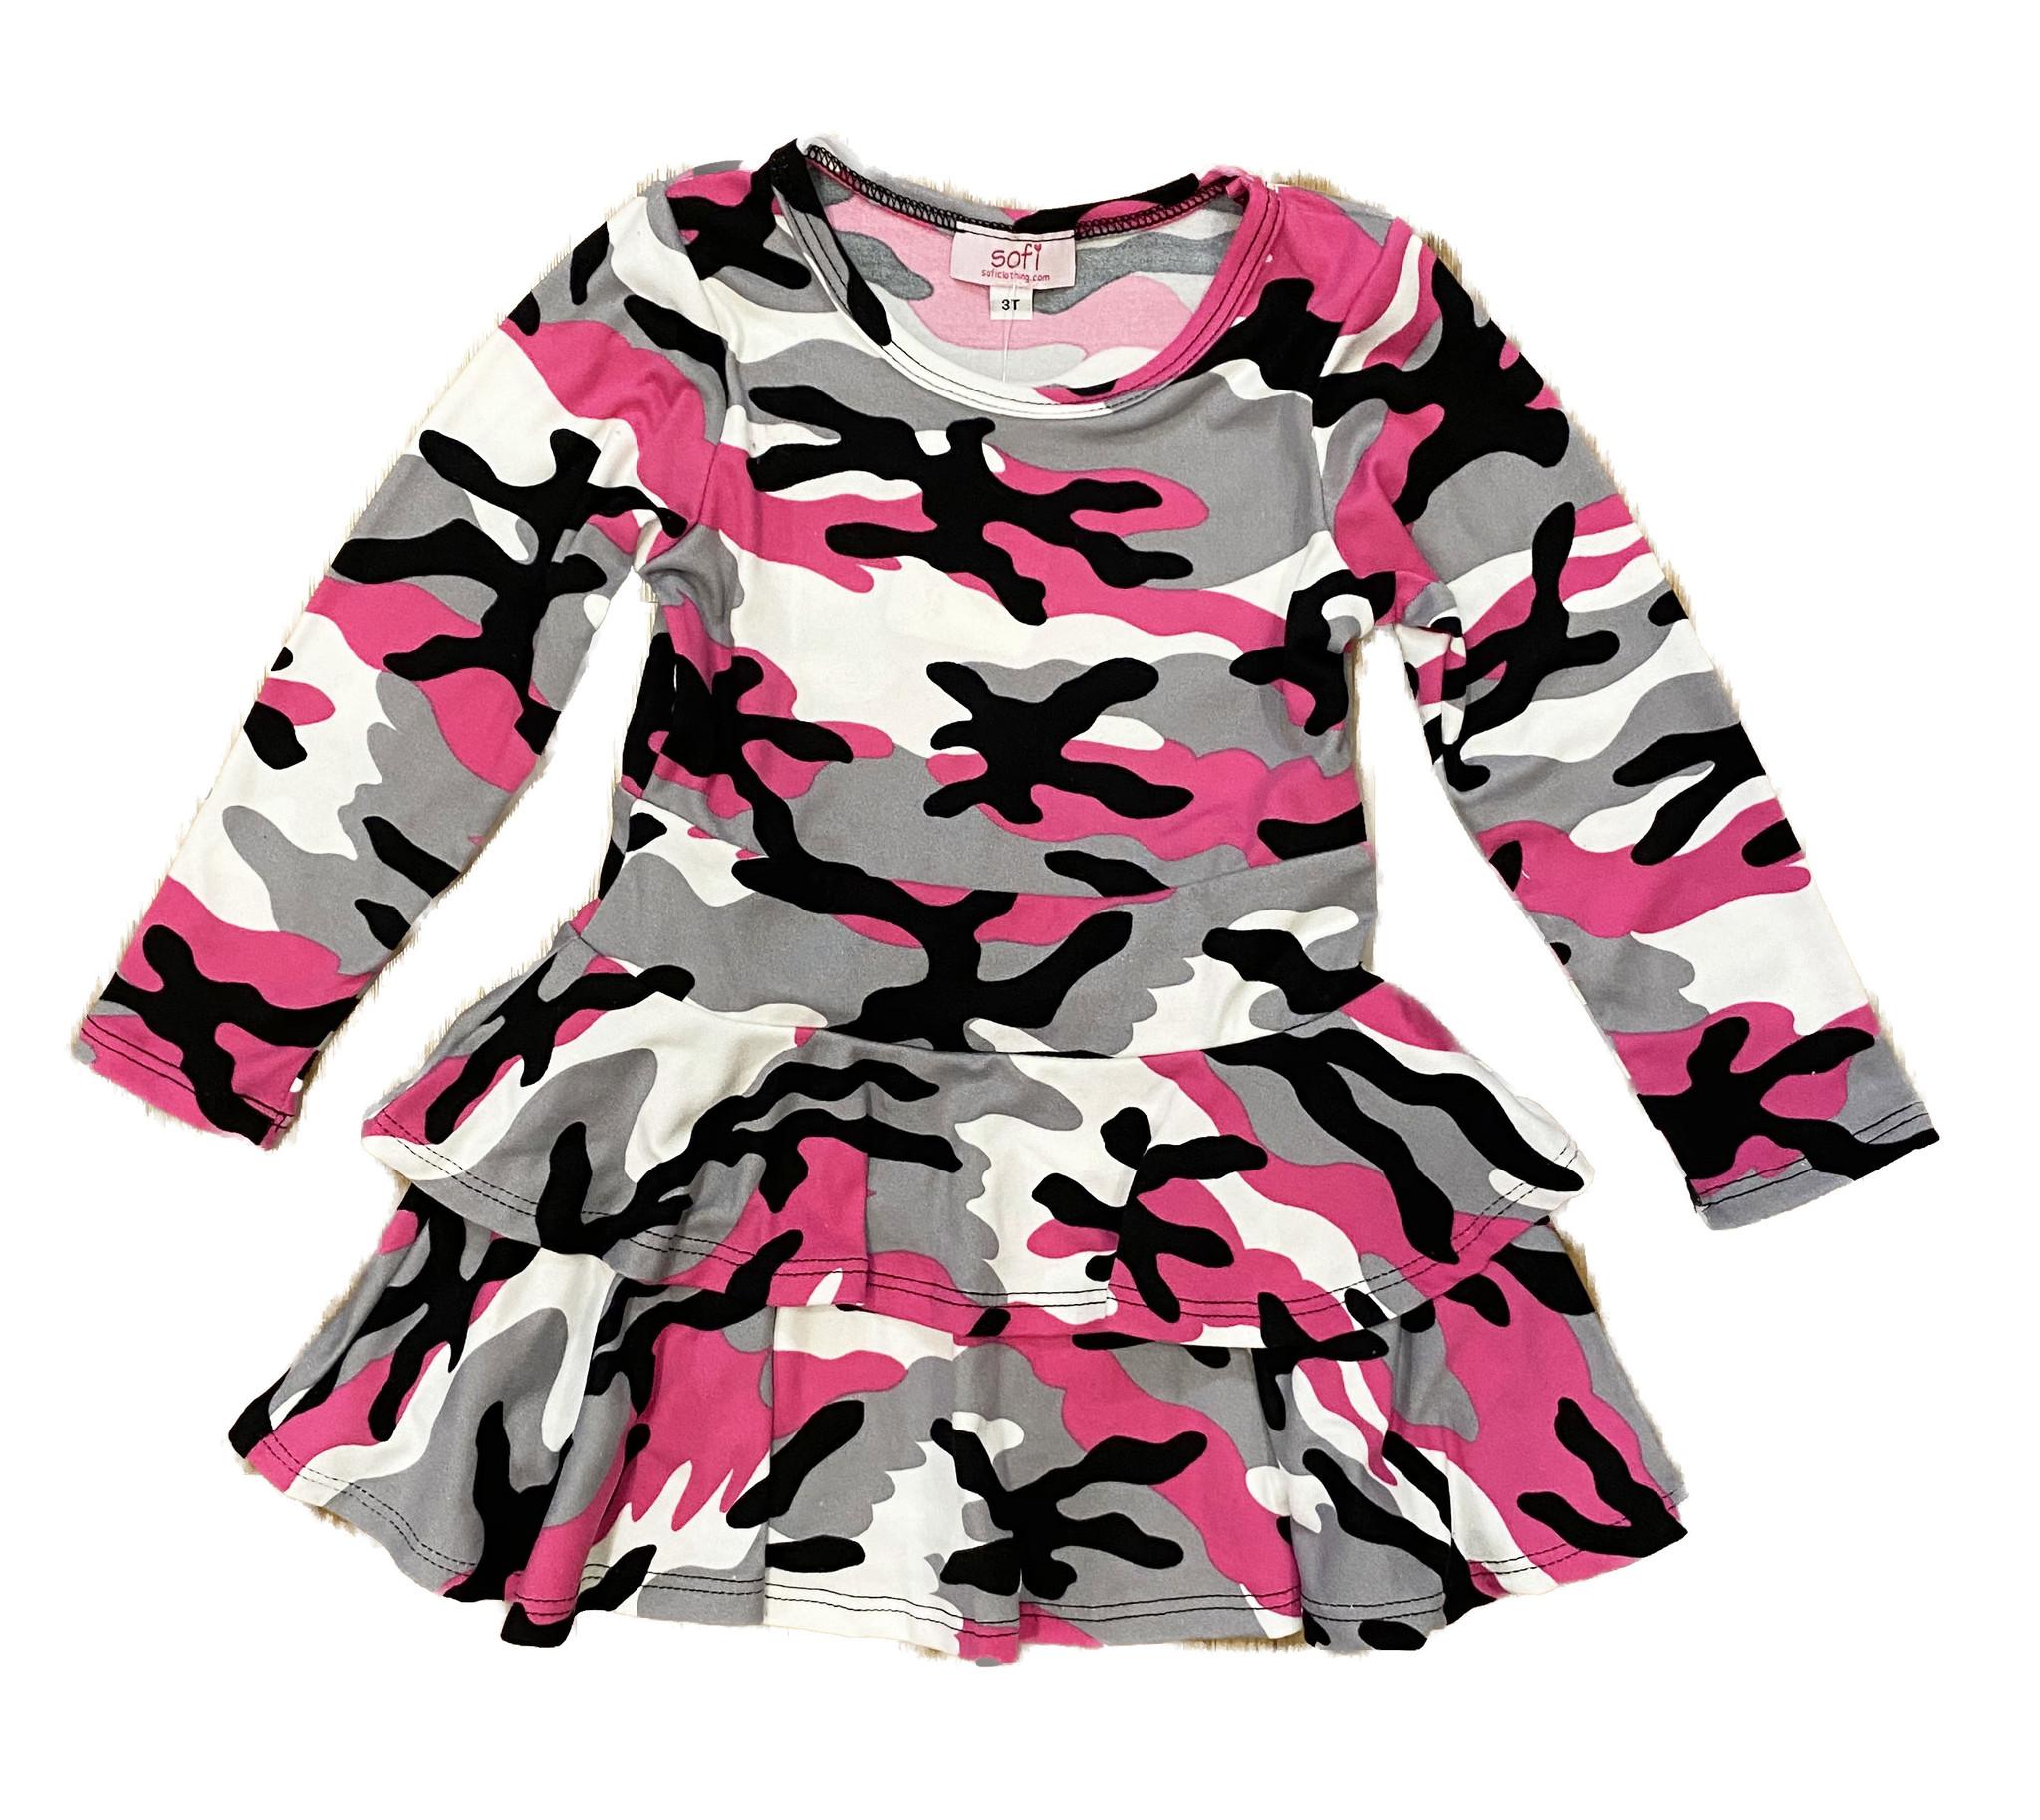 Sofi Fuschia Camo 2 Tier Dress